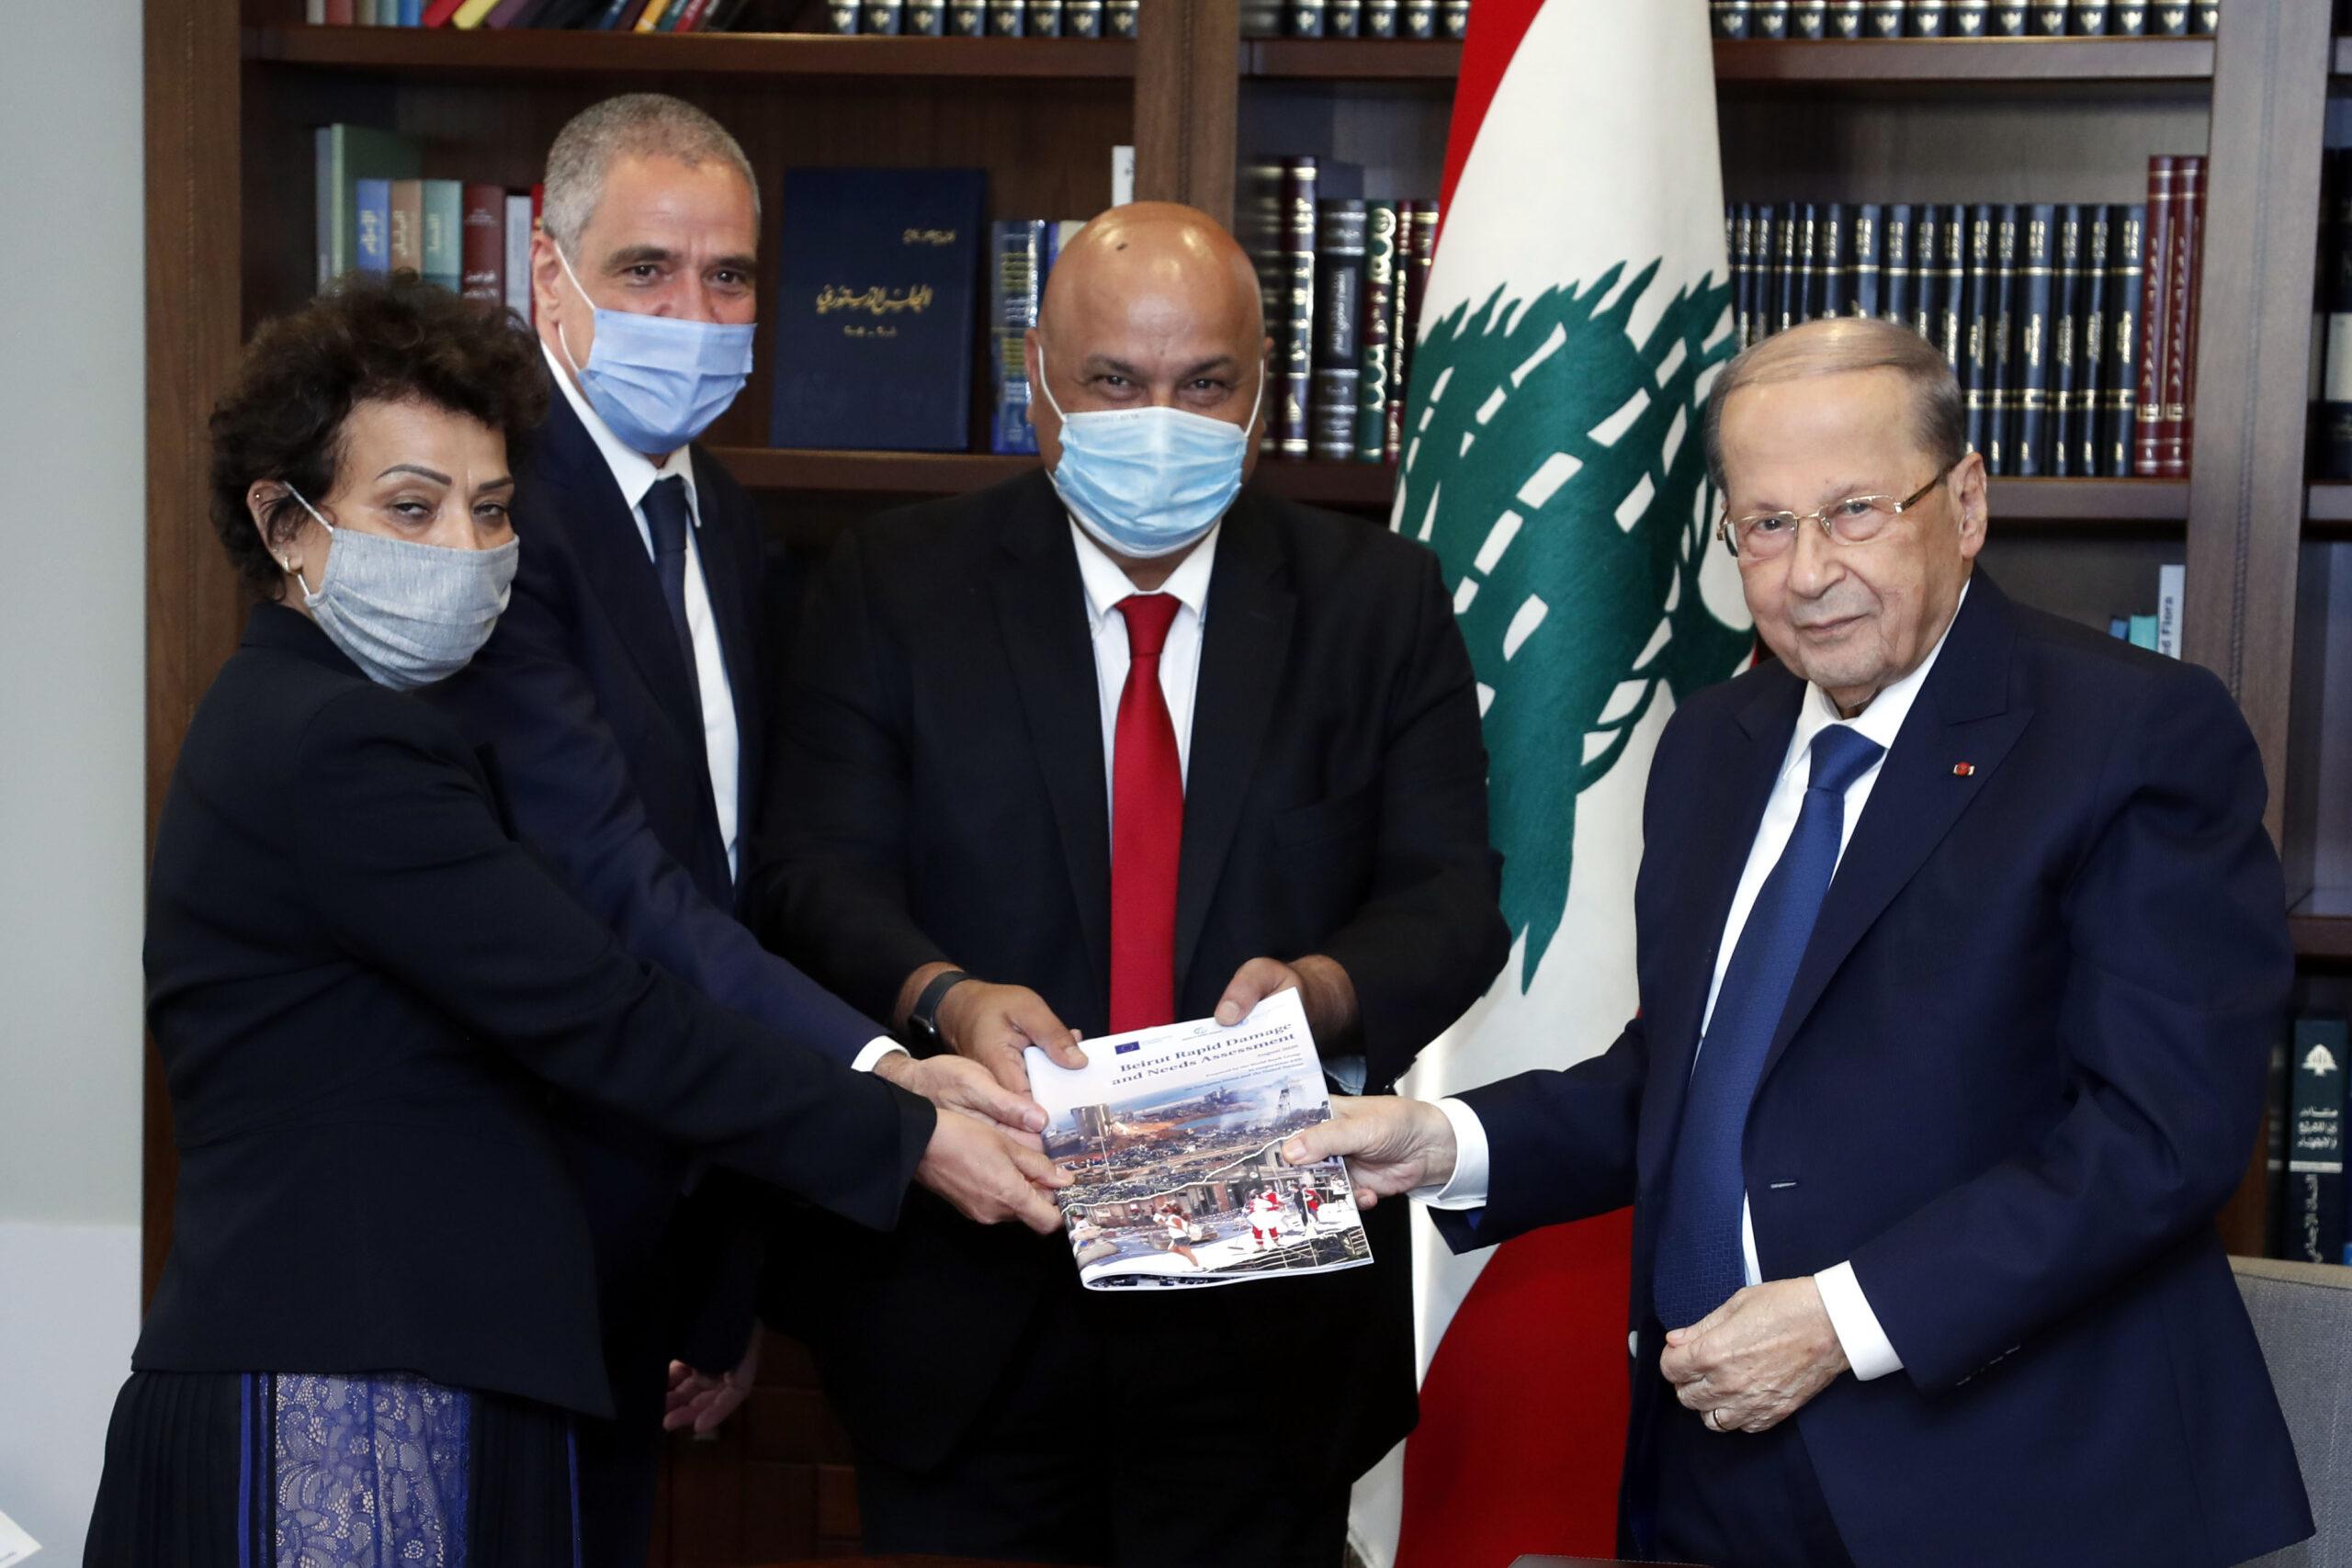 تقرير للبنك الدولي والامم المتحدة والإتحاد الأوروبي كشف ان حجم الأضرار الأولية بلغ 8,1  مليار دولار بعد انفجار بيروت